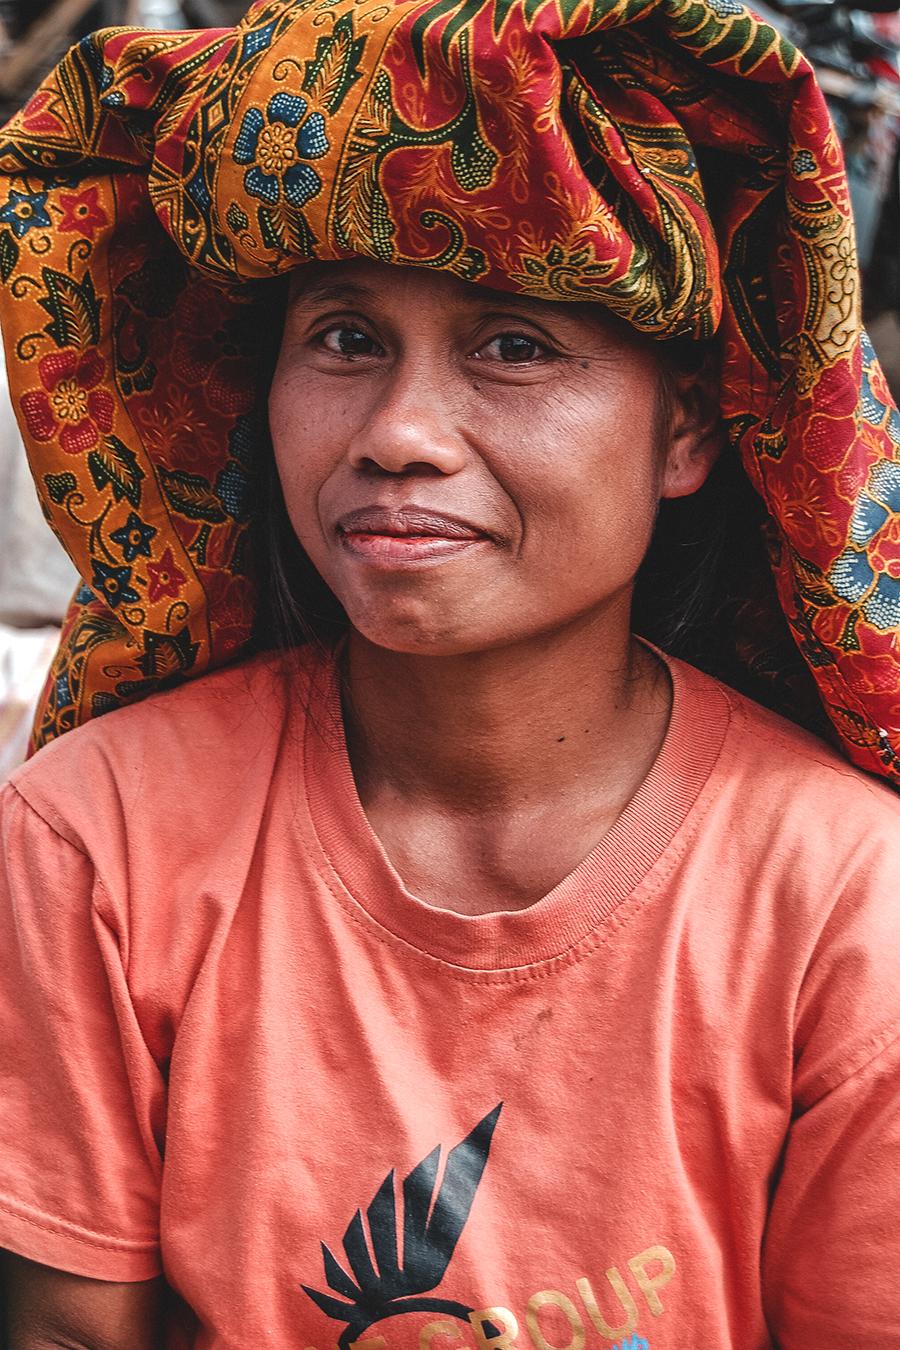 Market vendor in Toraja, Indonesia.